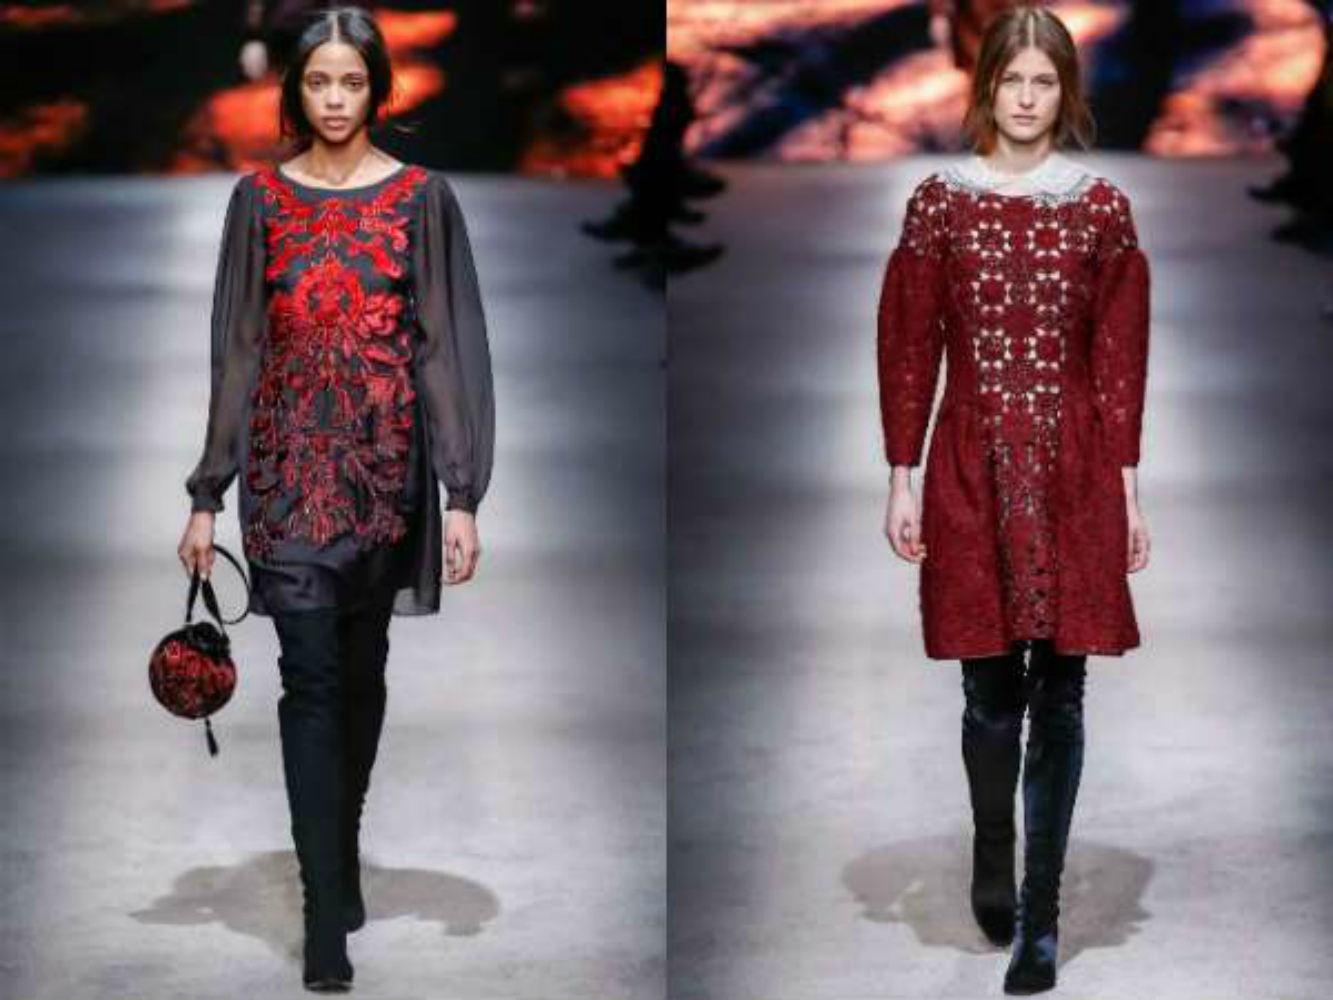 Модні сукні осінь-зима 2017 2018 - популярні тренди (фото) 32ab08f2a9068